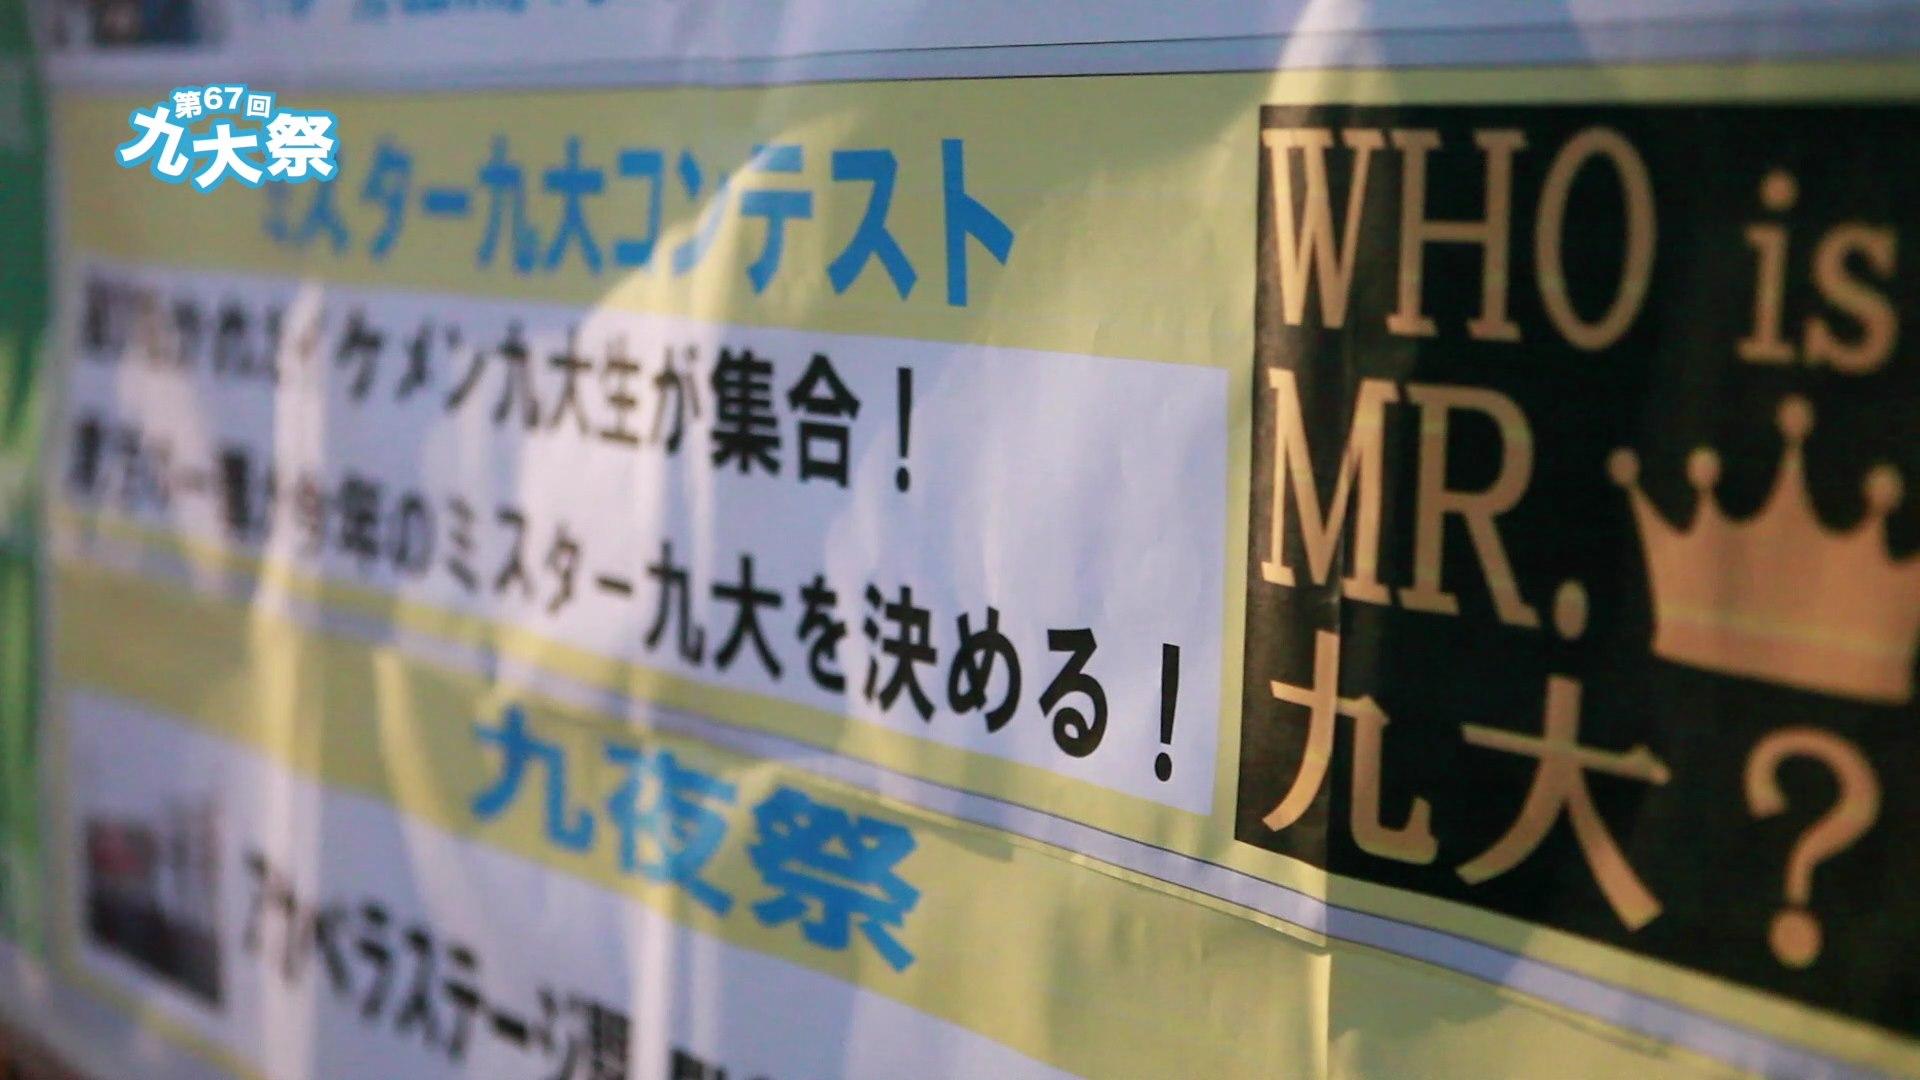 第67回 九州大学学祭.mov_000529440